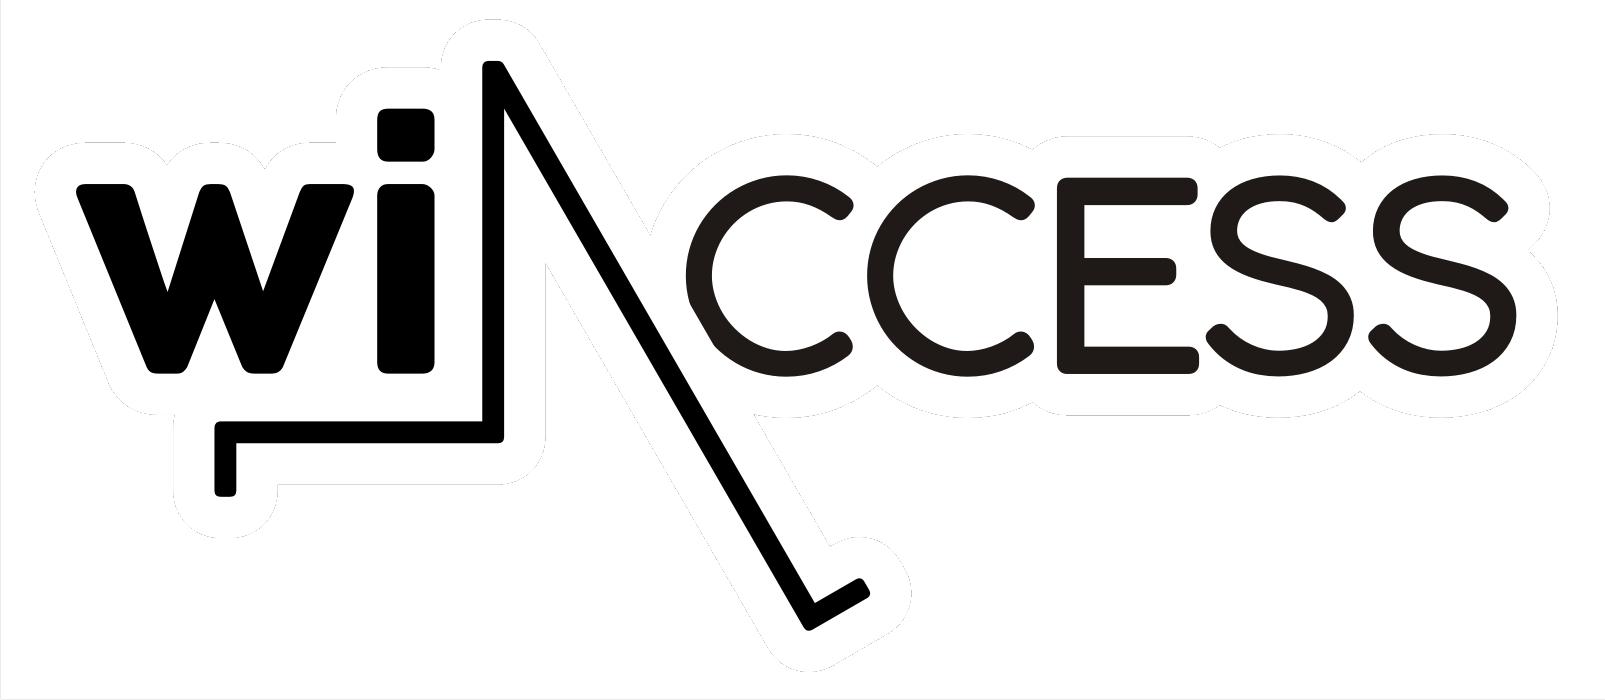 WiAccess